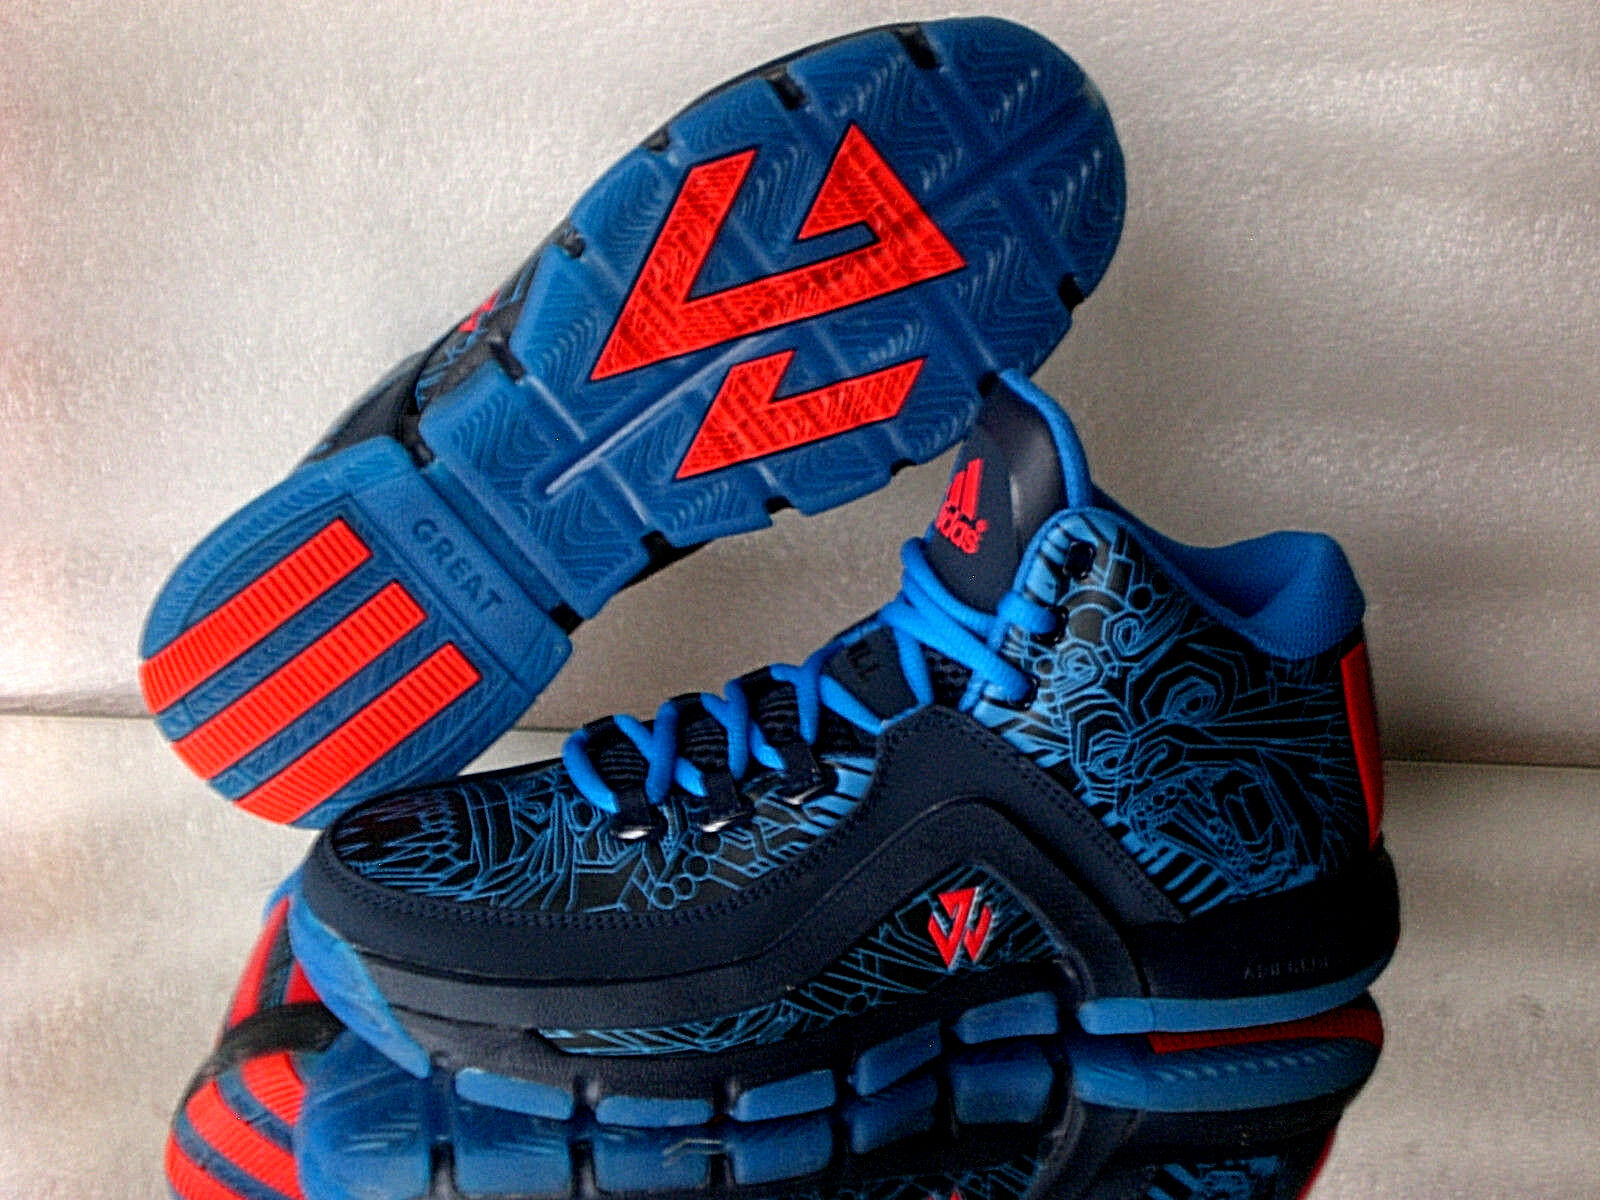 Adidas Originals J WALL 2,0 F37132 Lauf-Turnschuhe Mens Sneaker Farbe Blau Neu